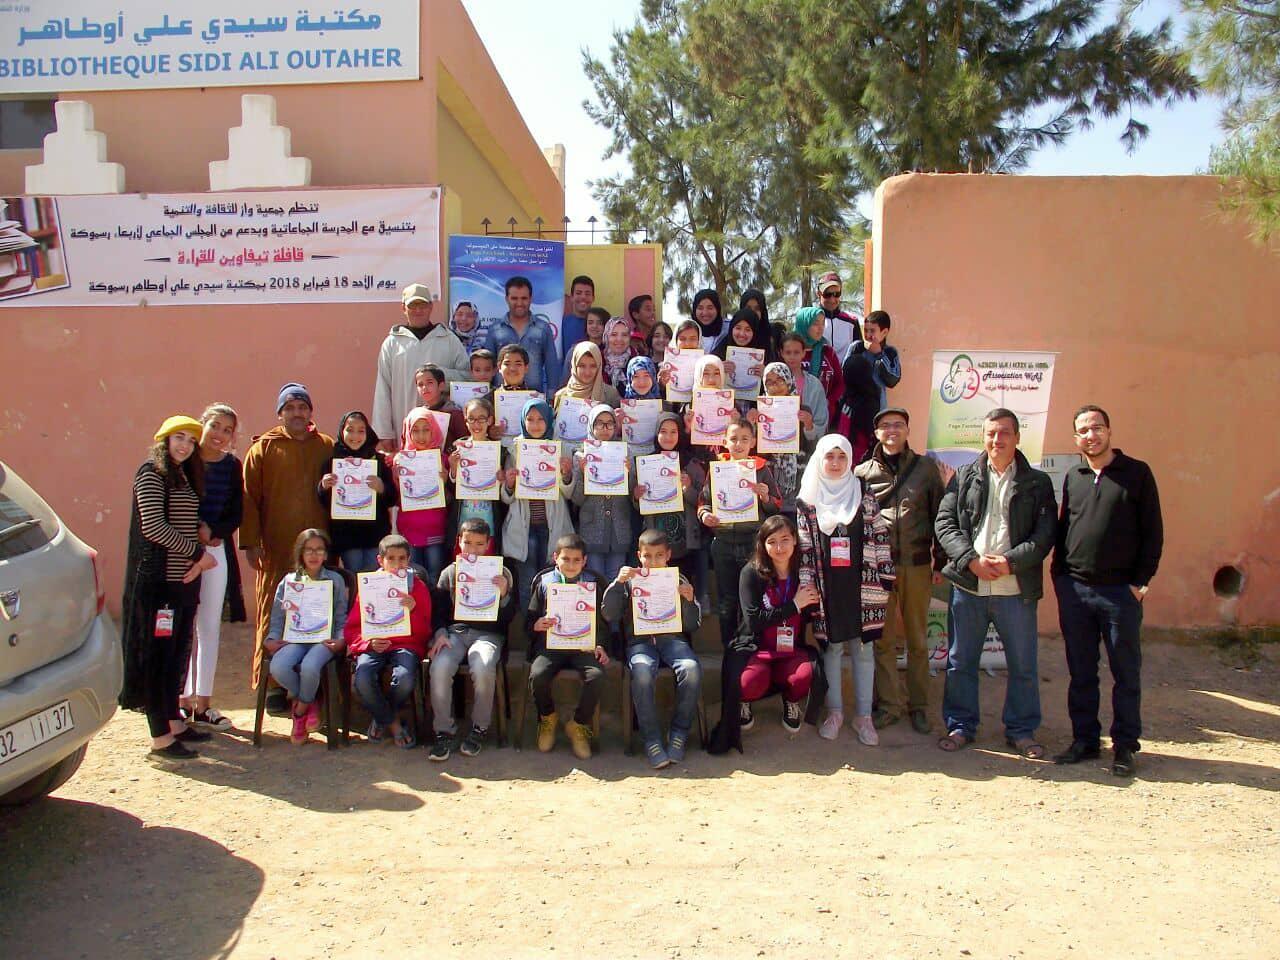 جمعية waz للتنمية والثقافة تنظم قافلة تيفاوين للقراءة بالخزانة الجماعتية رسموكة